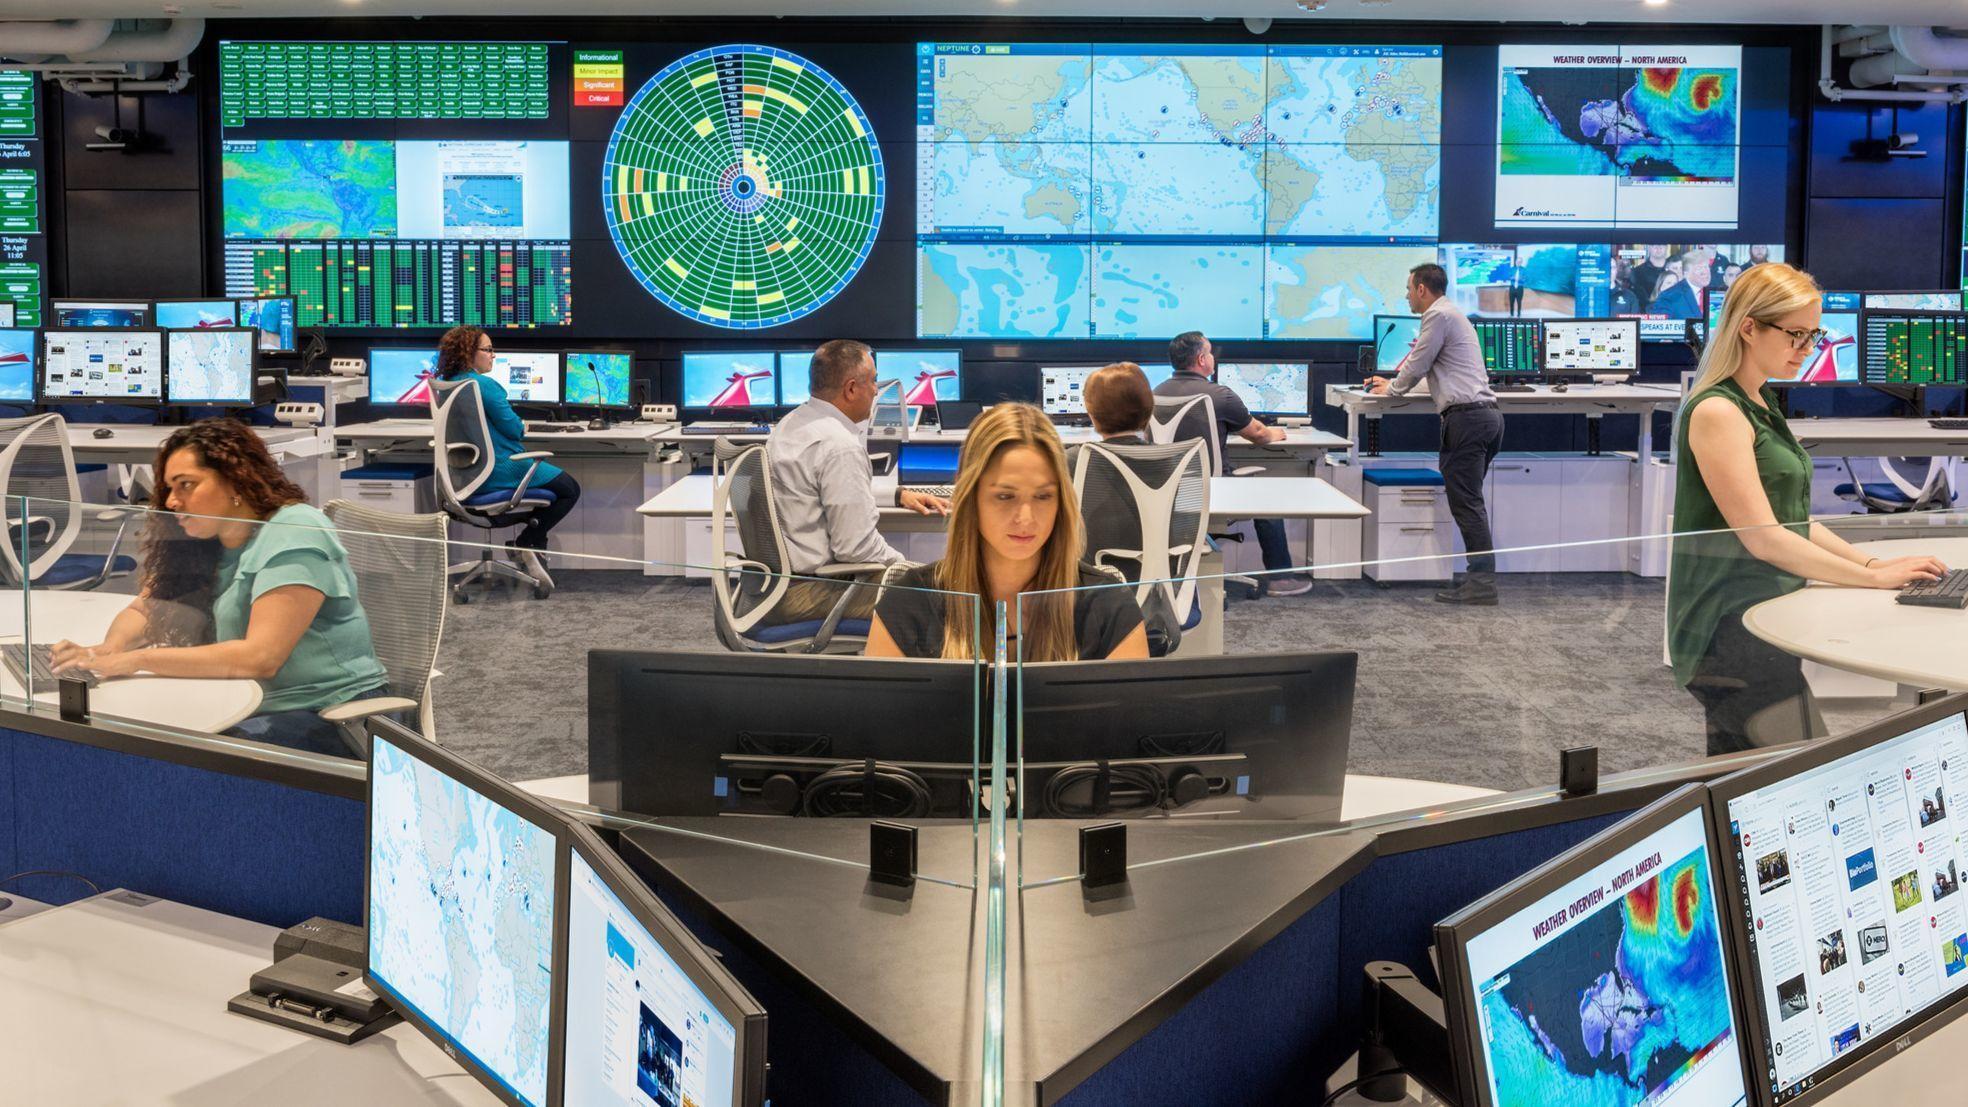 Αποτέλεσμα εικόνας για Carnival Cruise Line Unveils New 'Command Center' Facility